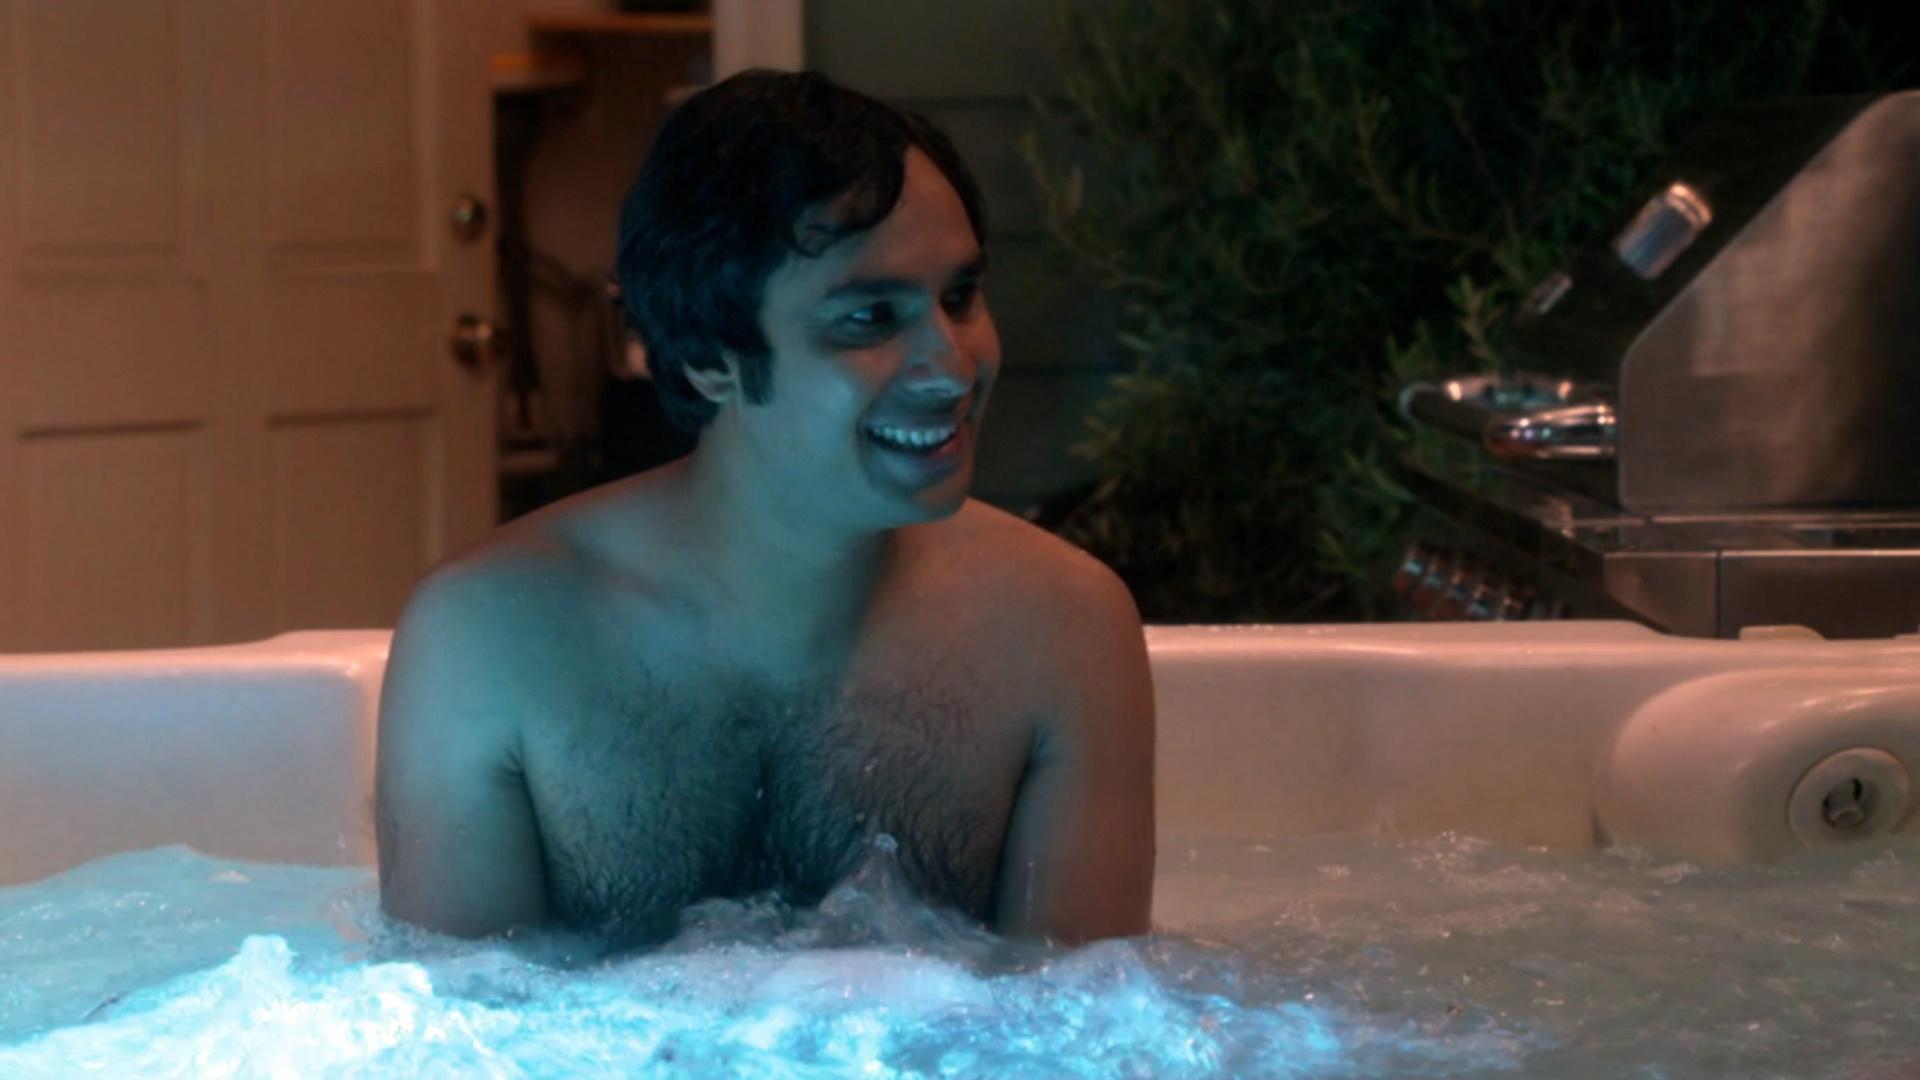 Take a soak in your friend's hot tub.